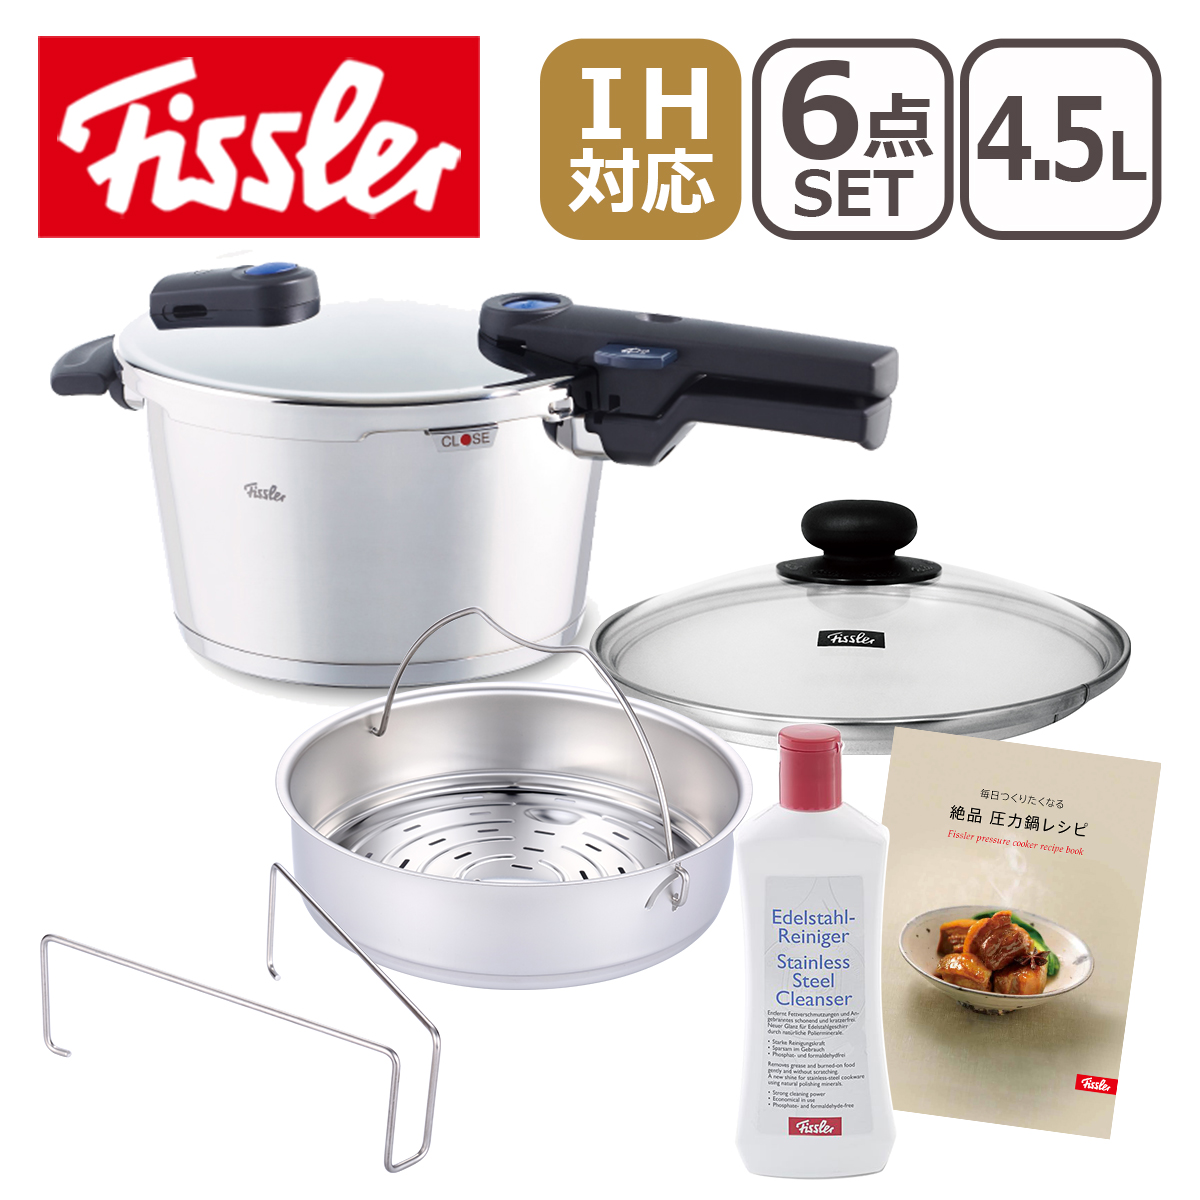 鍋 フィスラー レシピ 圧力